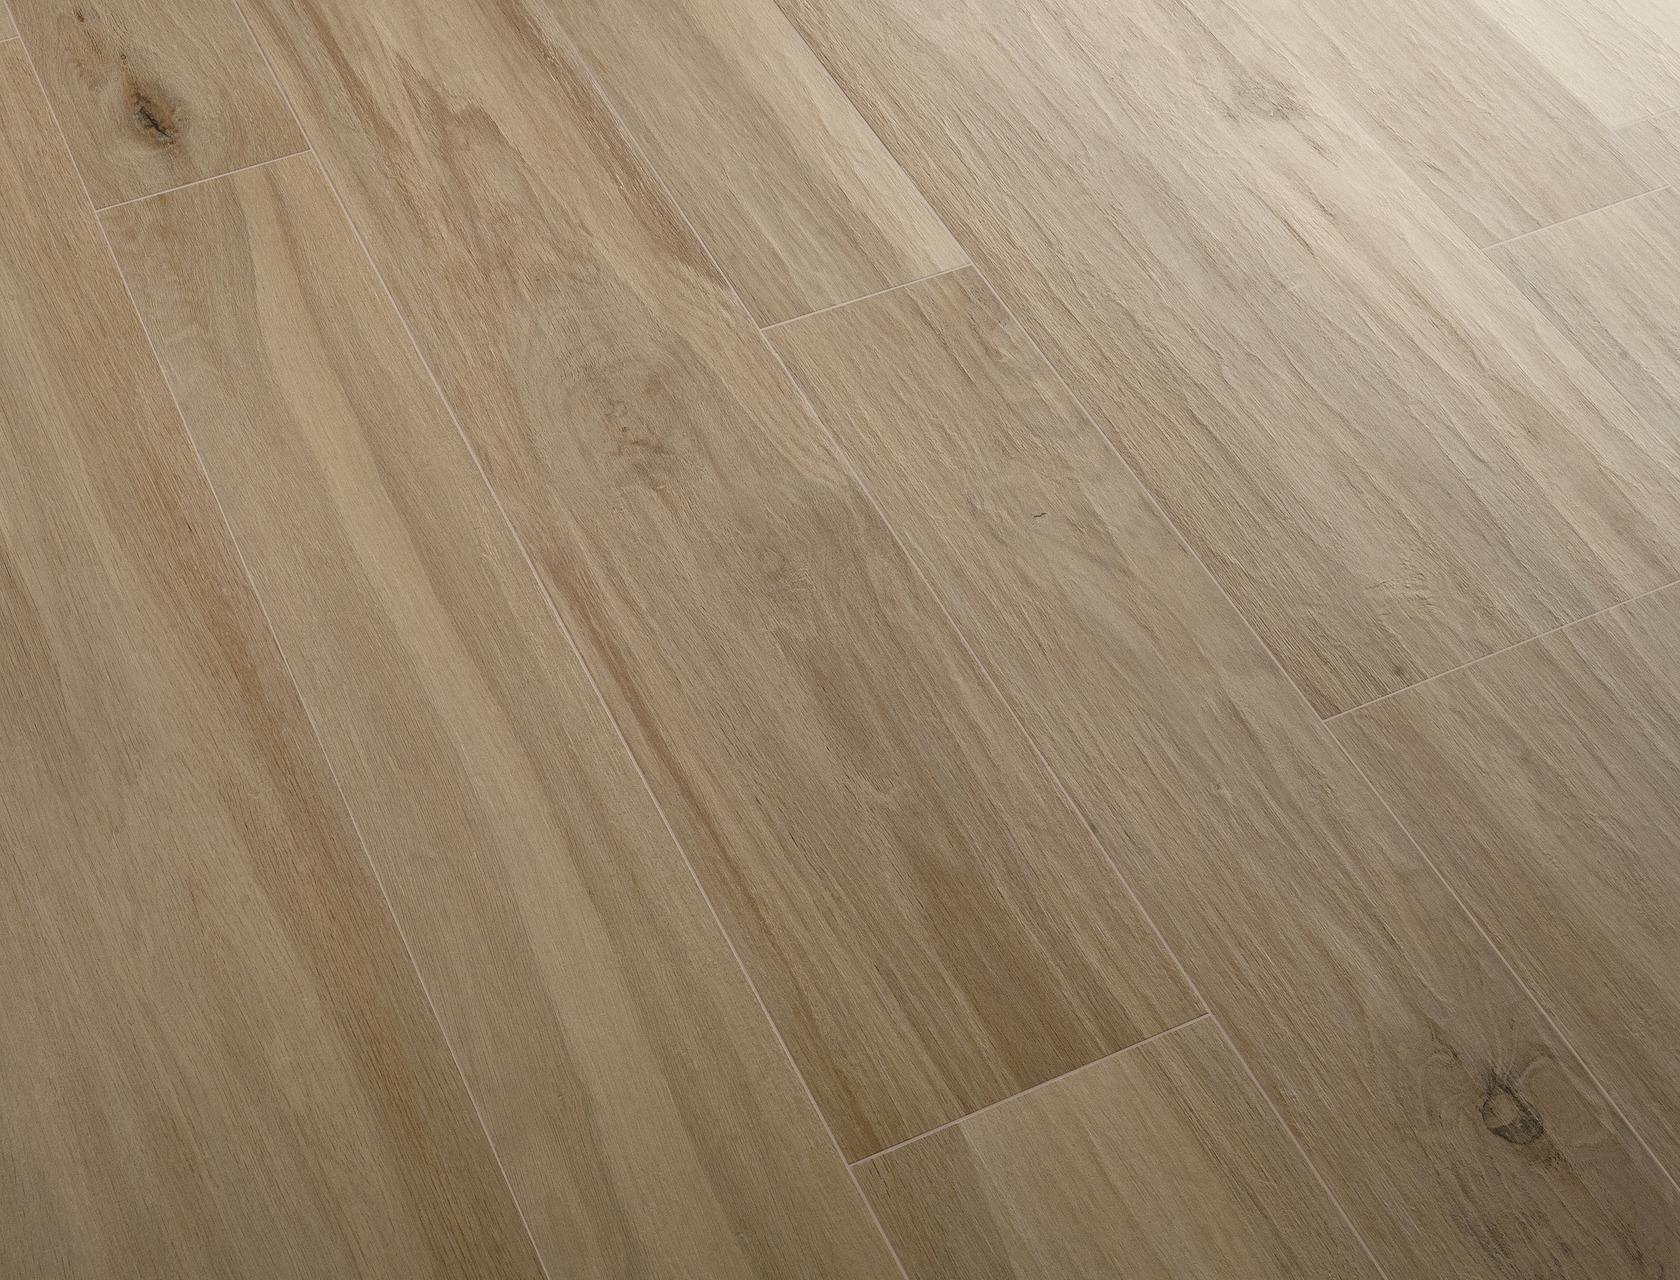 Gres porcellanato effetto legno rovere noce ariostea - Gres porcellanato effetto legno esterno ...